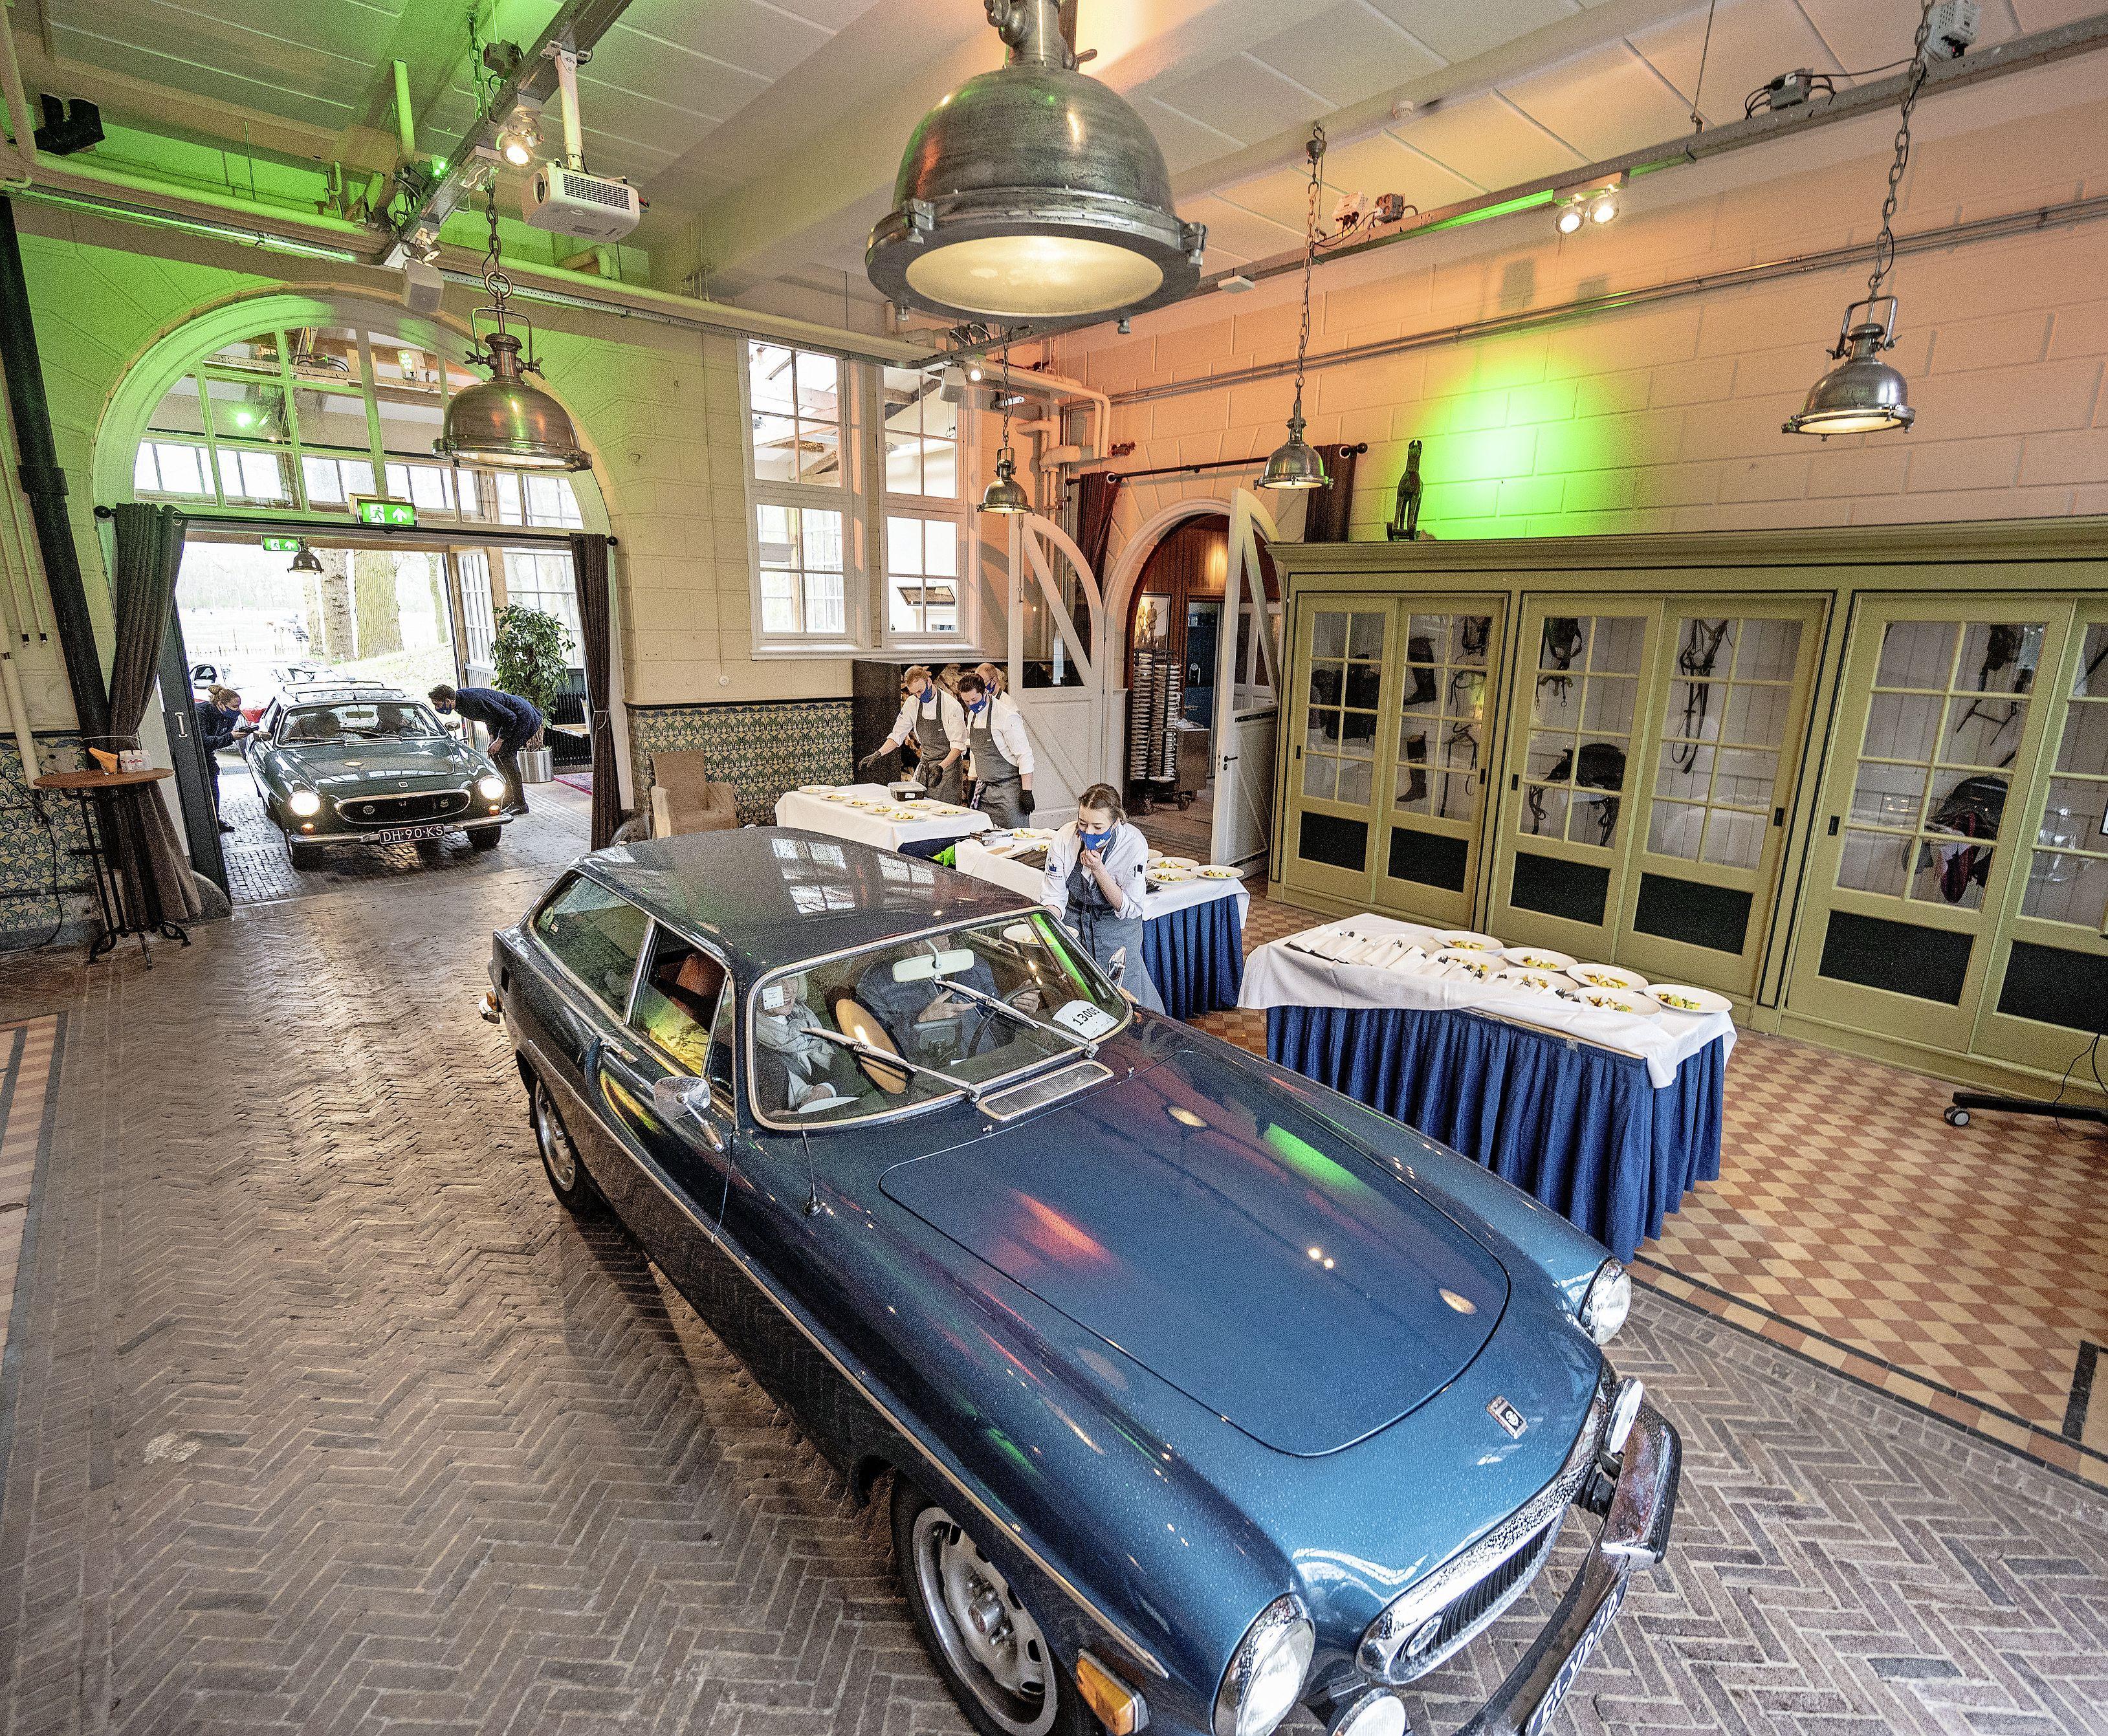 Culinaire verrassingstocht: met de auto langs vier Velsense smaakmakers